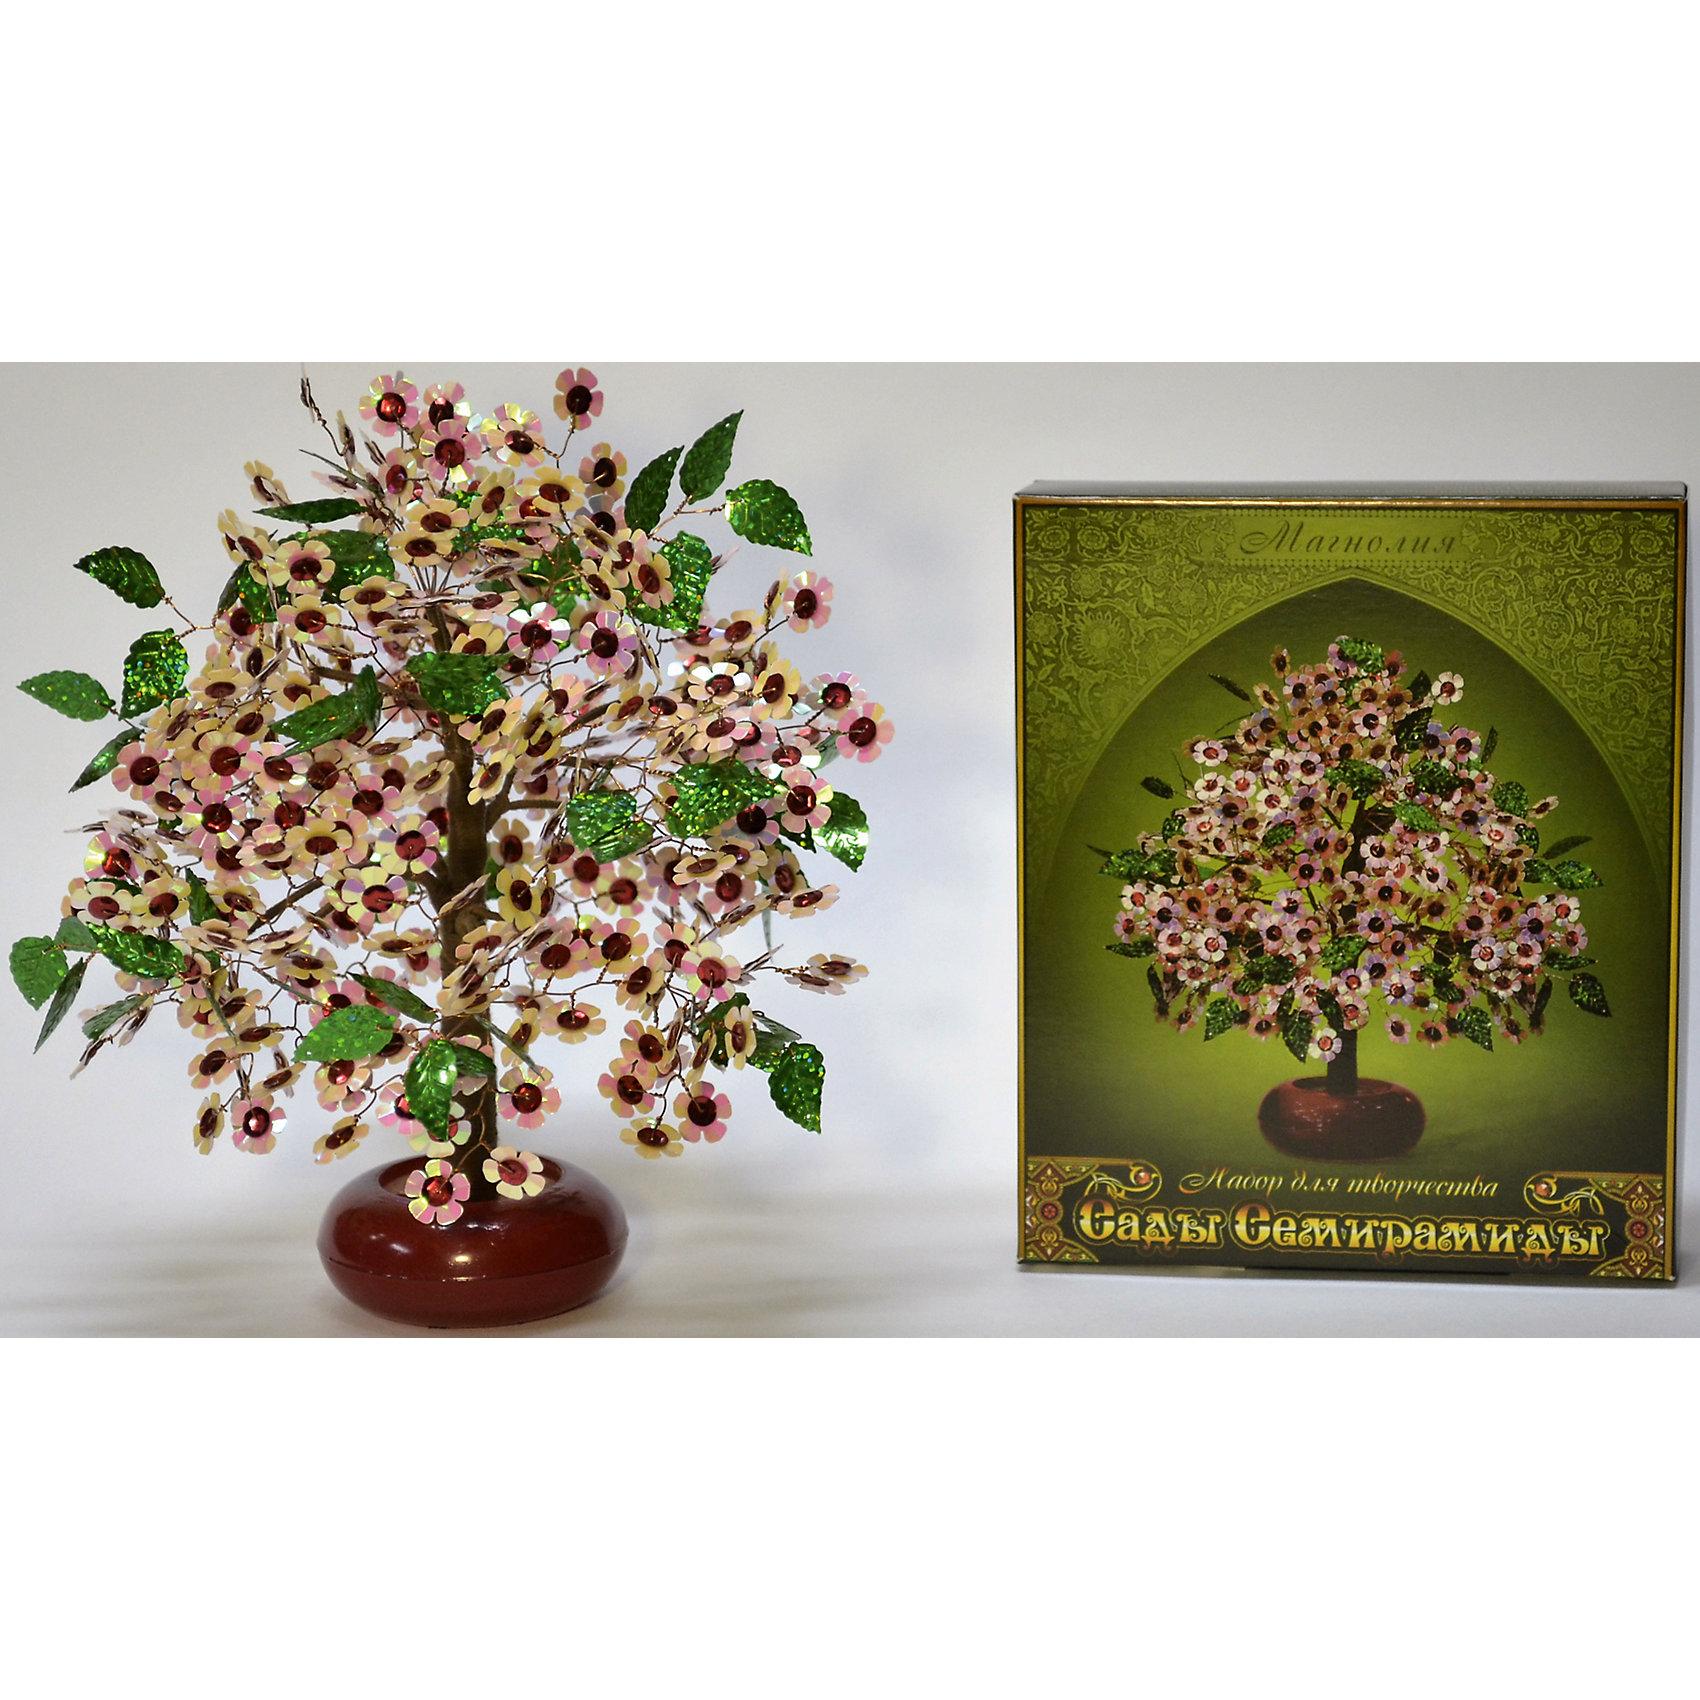 Набор для творчества Сады Семирамиды МагнолияДеревья из пайеток<br>Серия «Сады Семирамиды» представляют собой комплект необходимых<br>материалов, используя которые можно создать своё «Волшебное дерево» из каждого набора. Наборы предназначены для семейного творчества.<br><br>Ширина мм: 14<br>Глубина мм: 3<br>Высота мм: 17<br>Вес г: 380<br>Возраст от месяцев: 84<br>Возраст до месяцев: 192<br>Пол: Унисекс<br>Возраст: Детский<br>SKU: 5068882